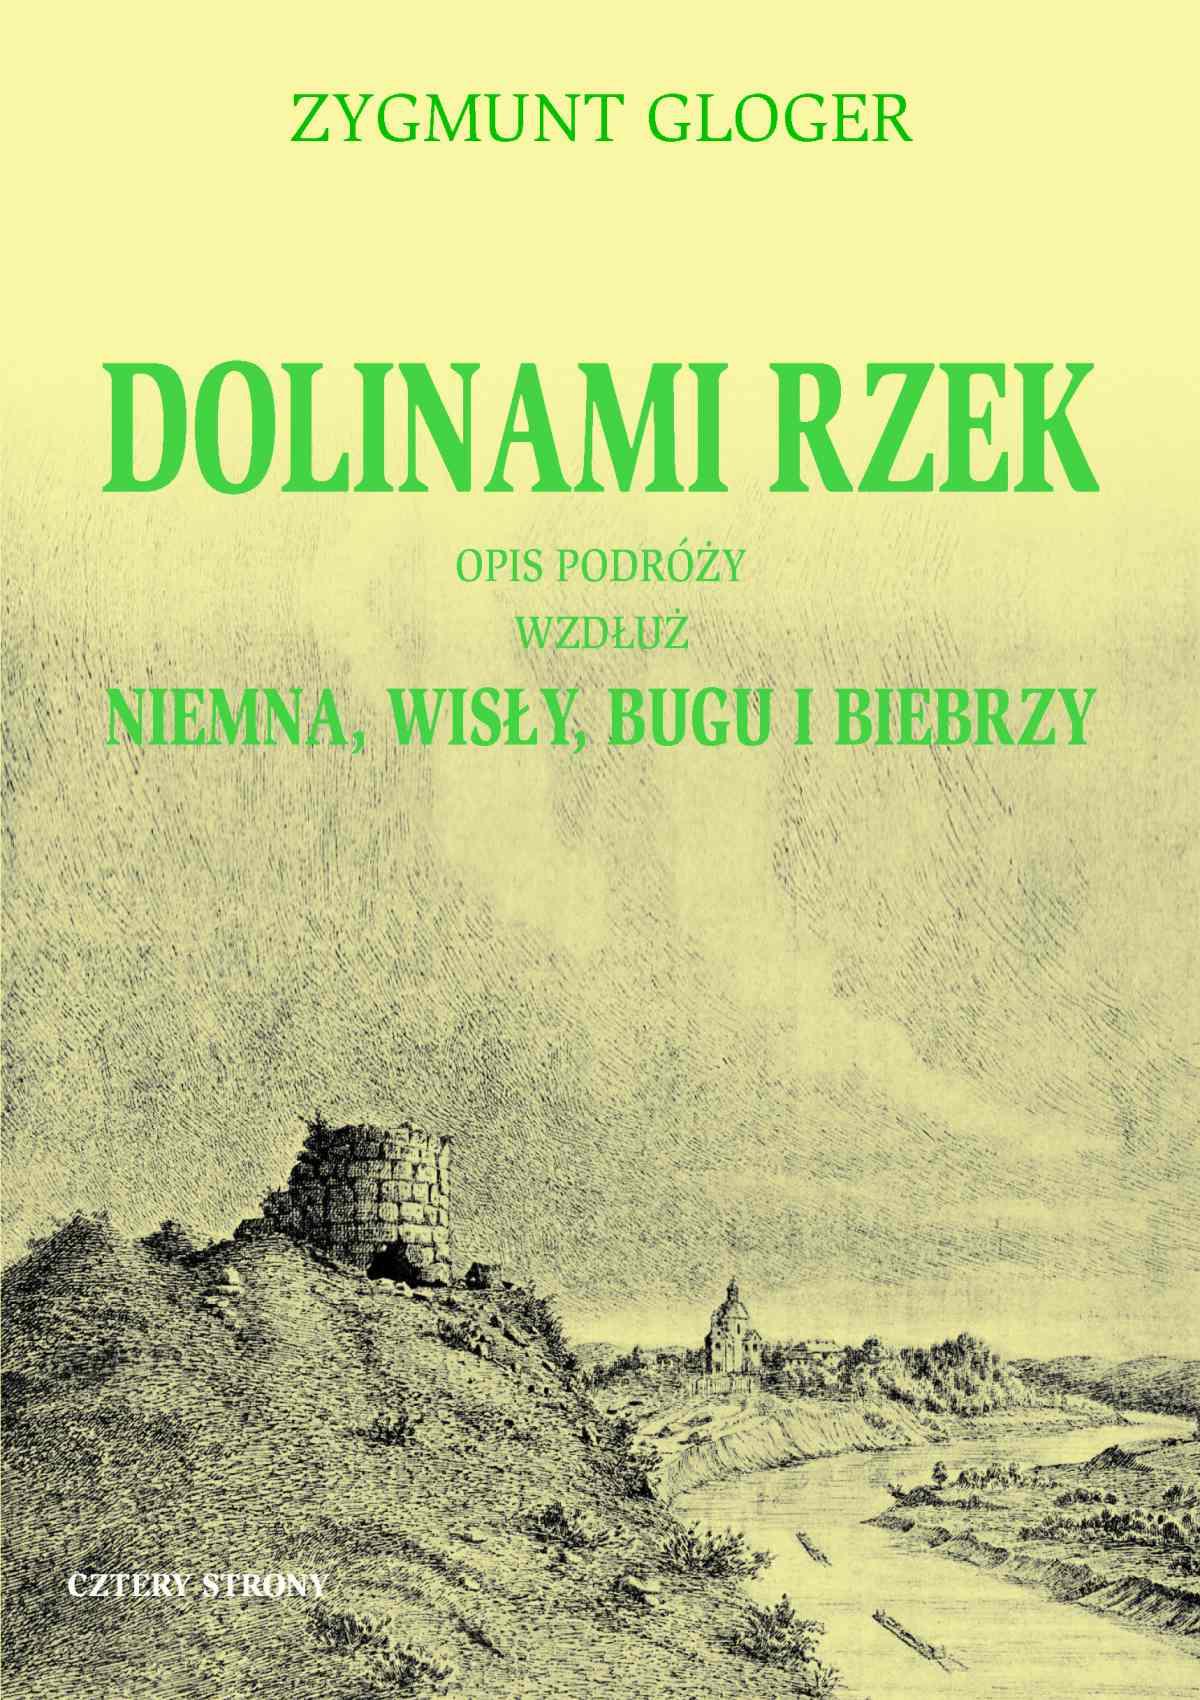 Dolinami rzek. Opis podróży wzdłuż Niemna, Wisły, Bugu i Biebrzy - Ebook (Książka na Kindle) do pobrania w formacie MOBI